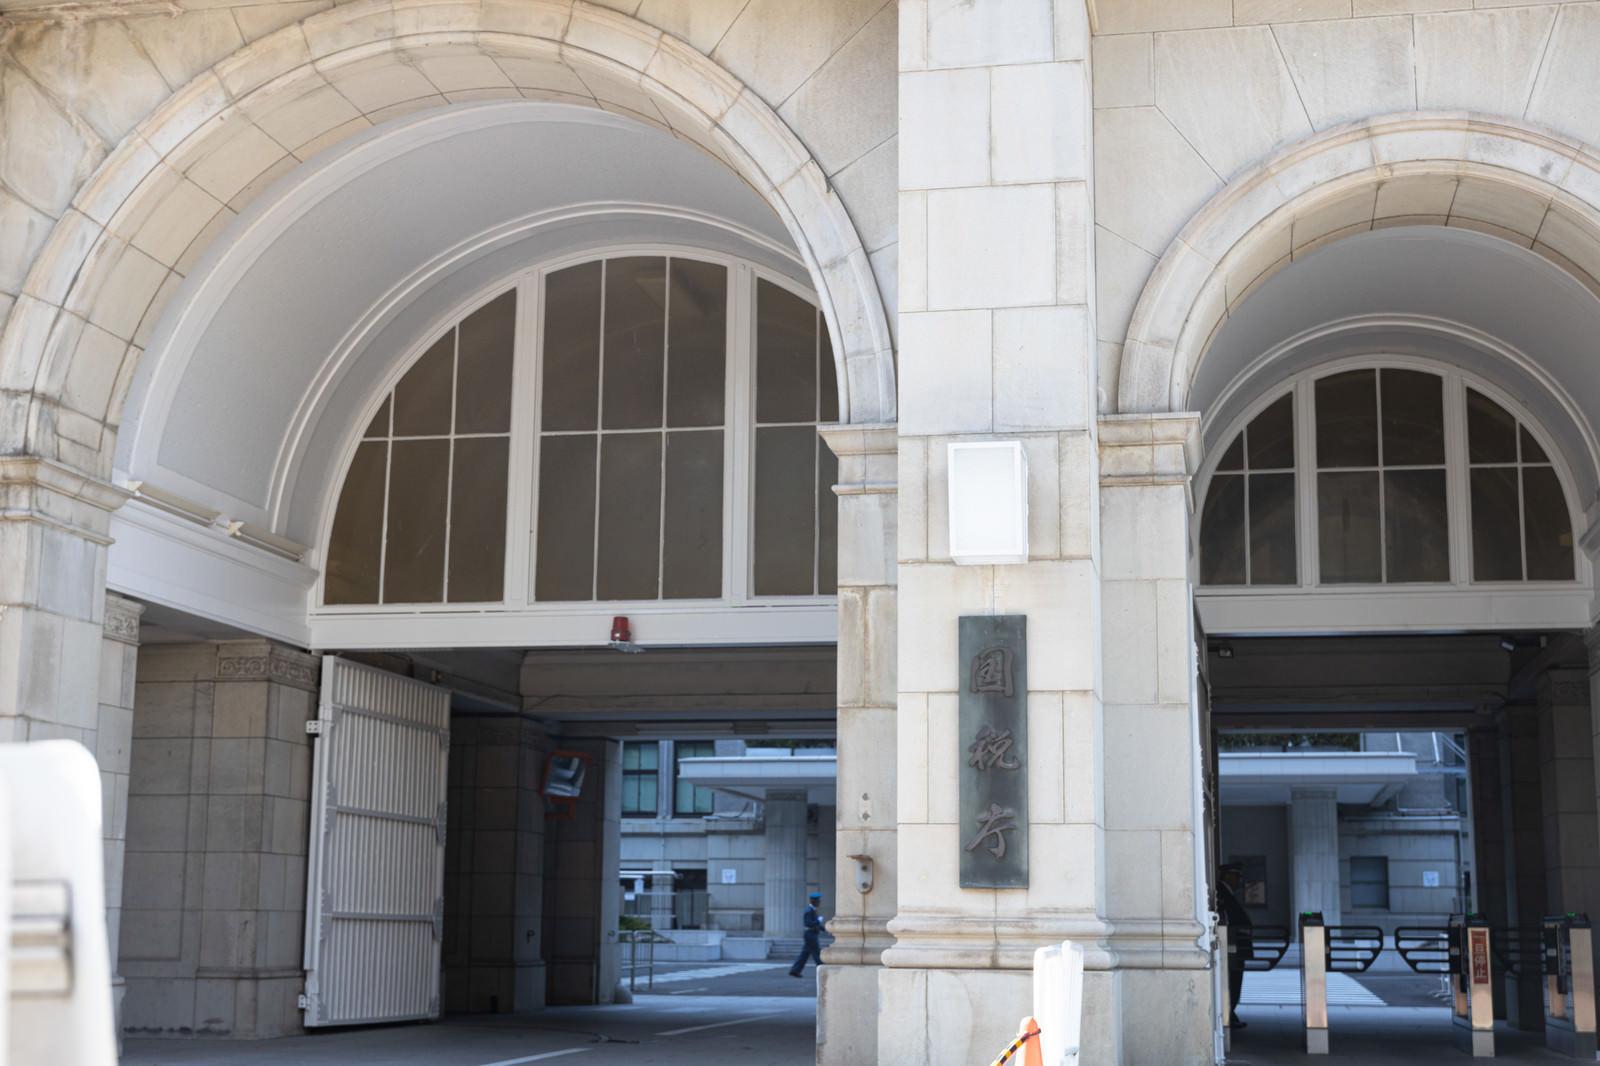 「財務省と国税庁の出入口通路」の写真